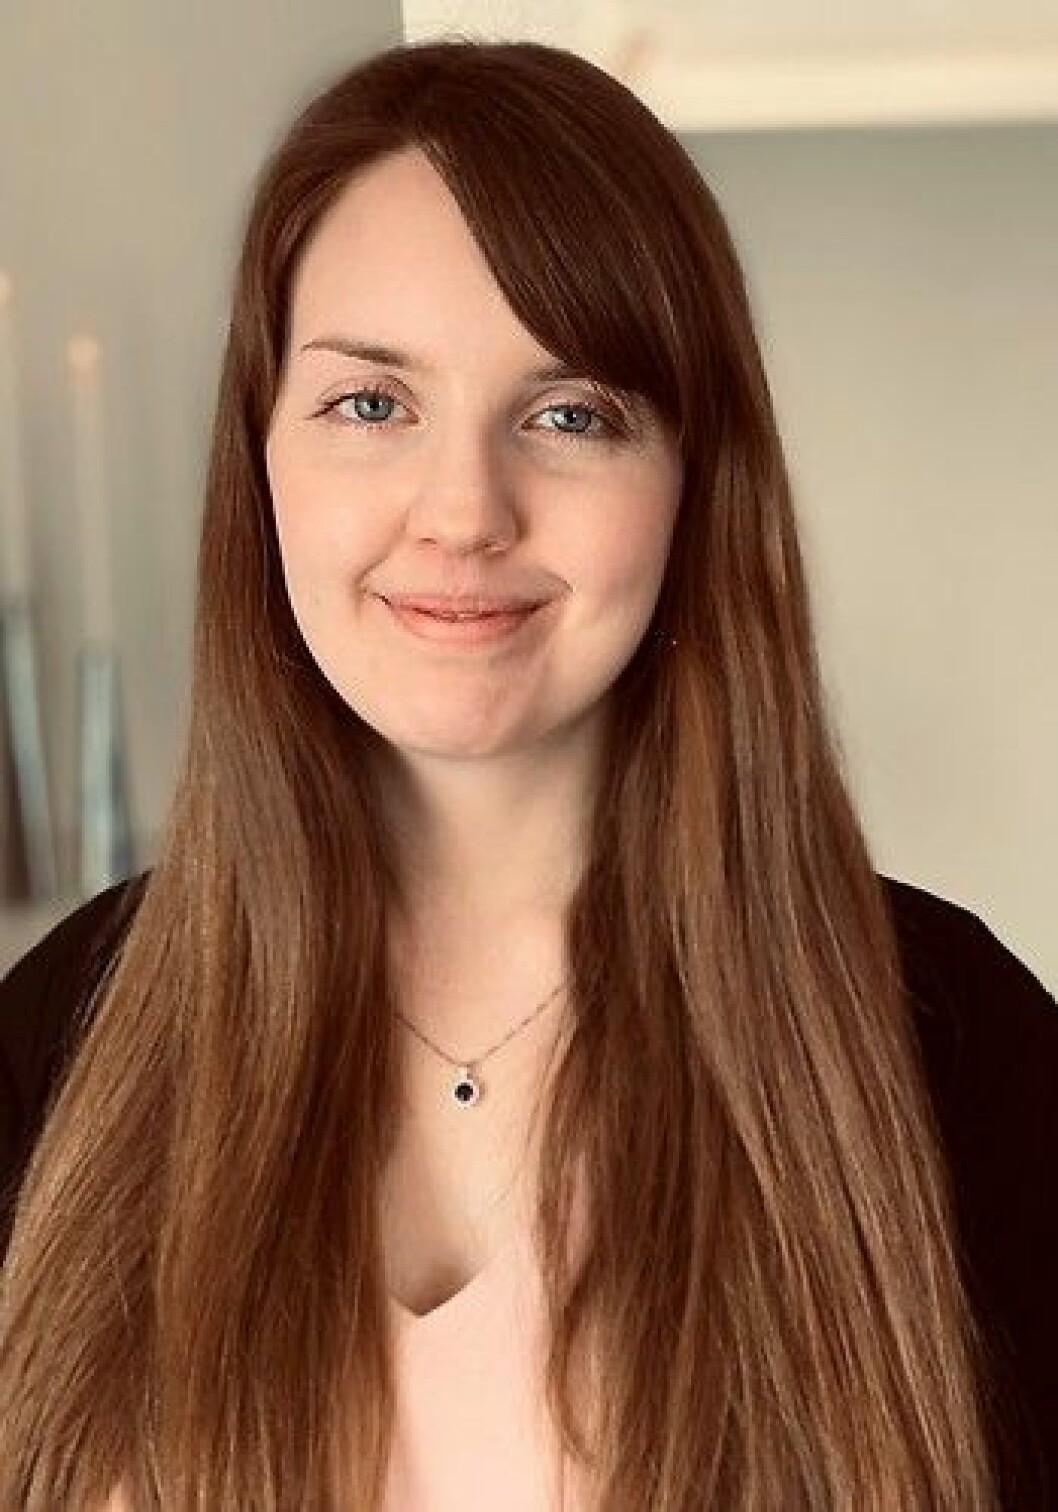 Sofia Westerlund, Babben Larssons dotter